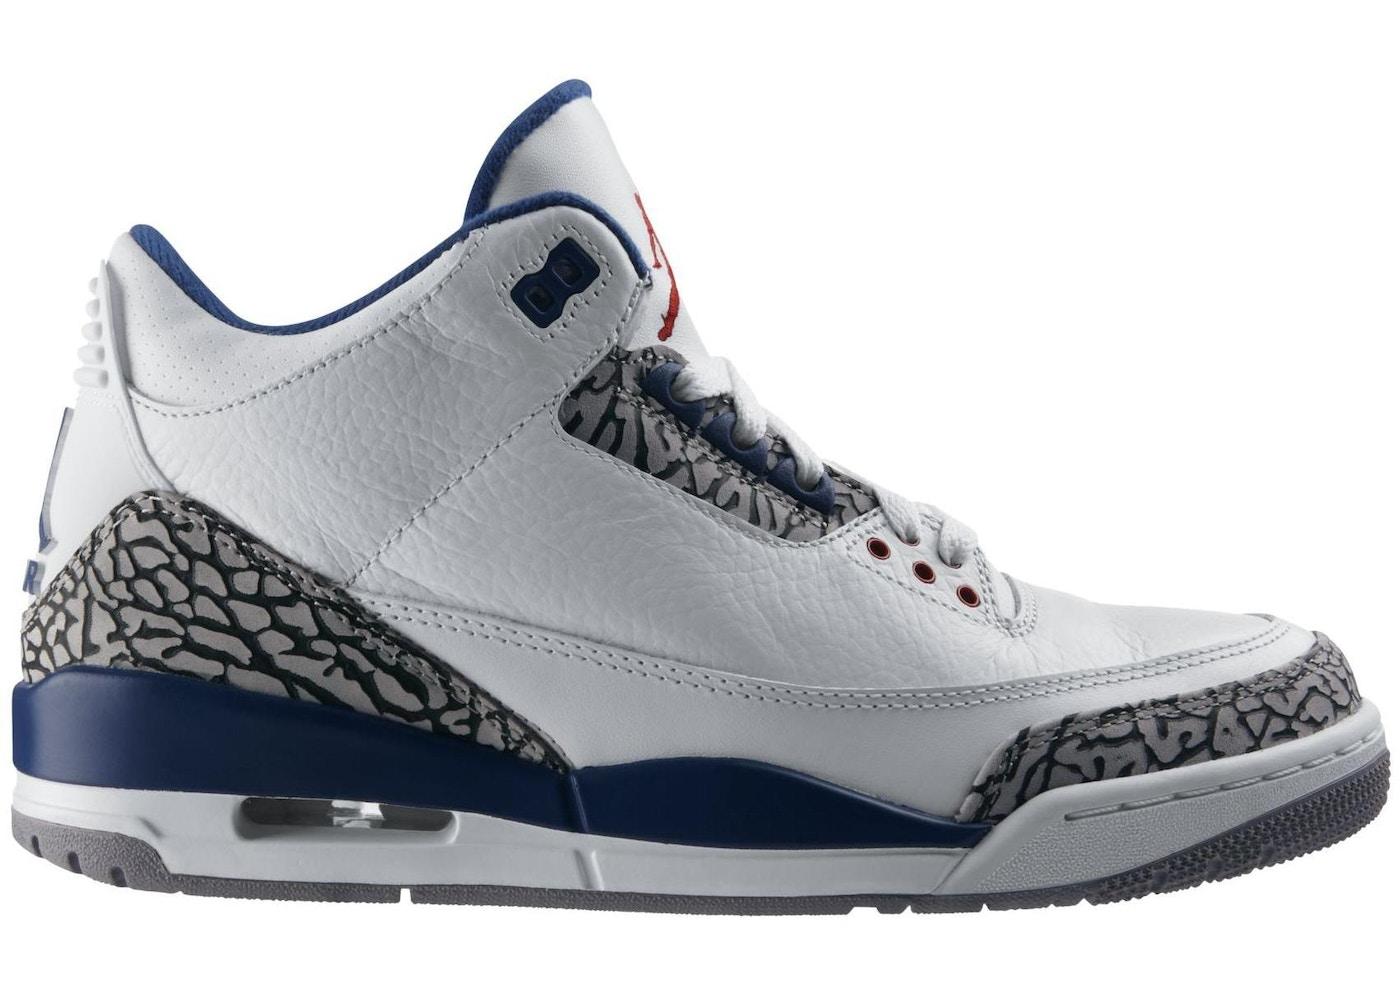 2a7423d735dd Jordan 3 Retro True Blue (2011) - 136064-104